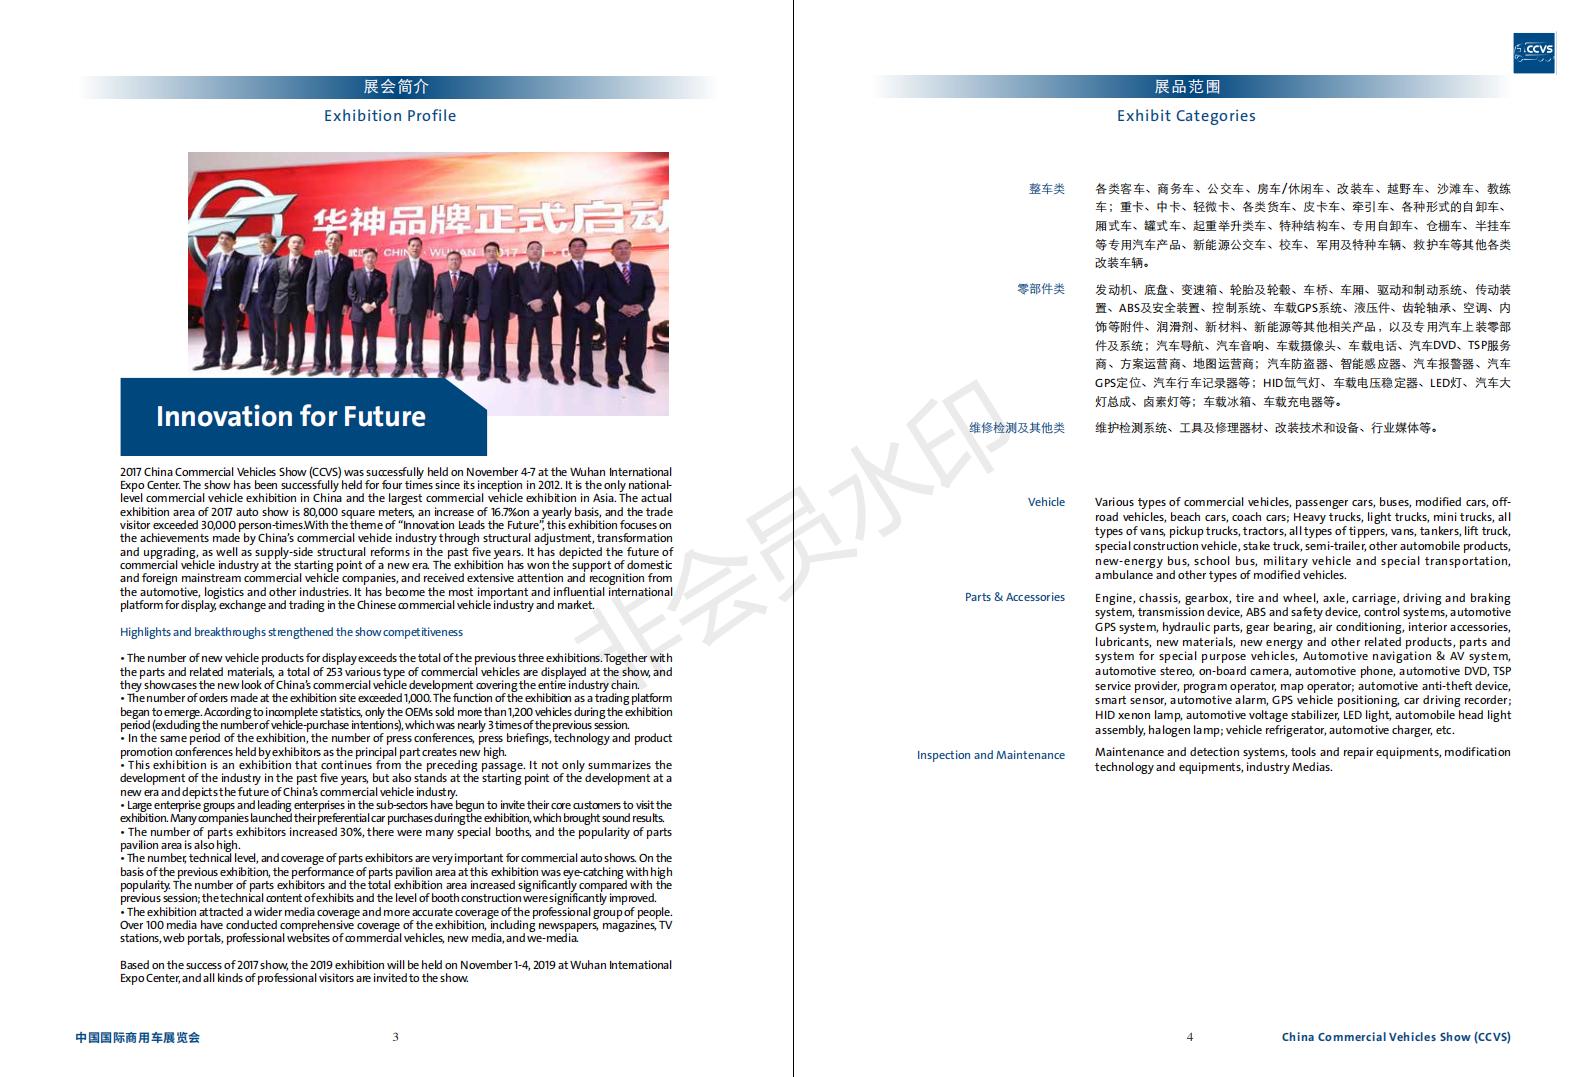 中国国际商用车展览会CCVS